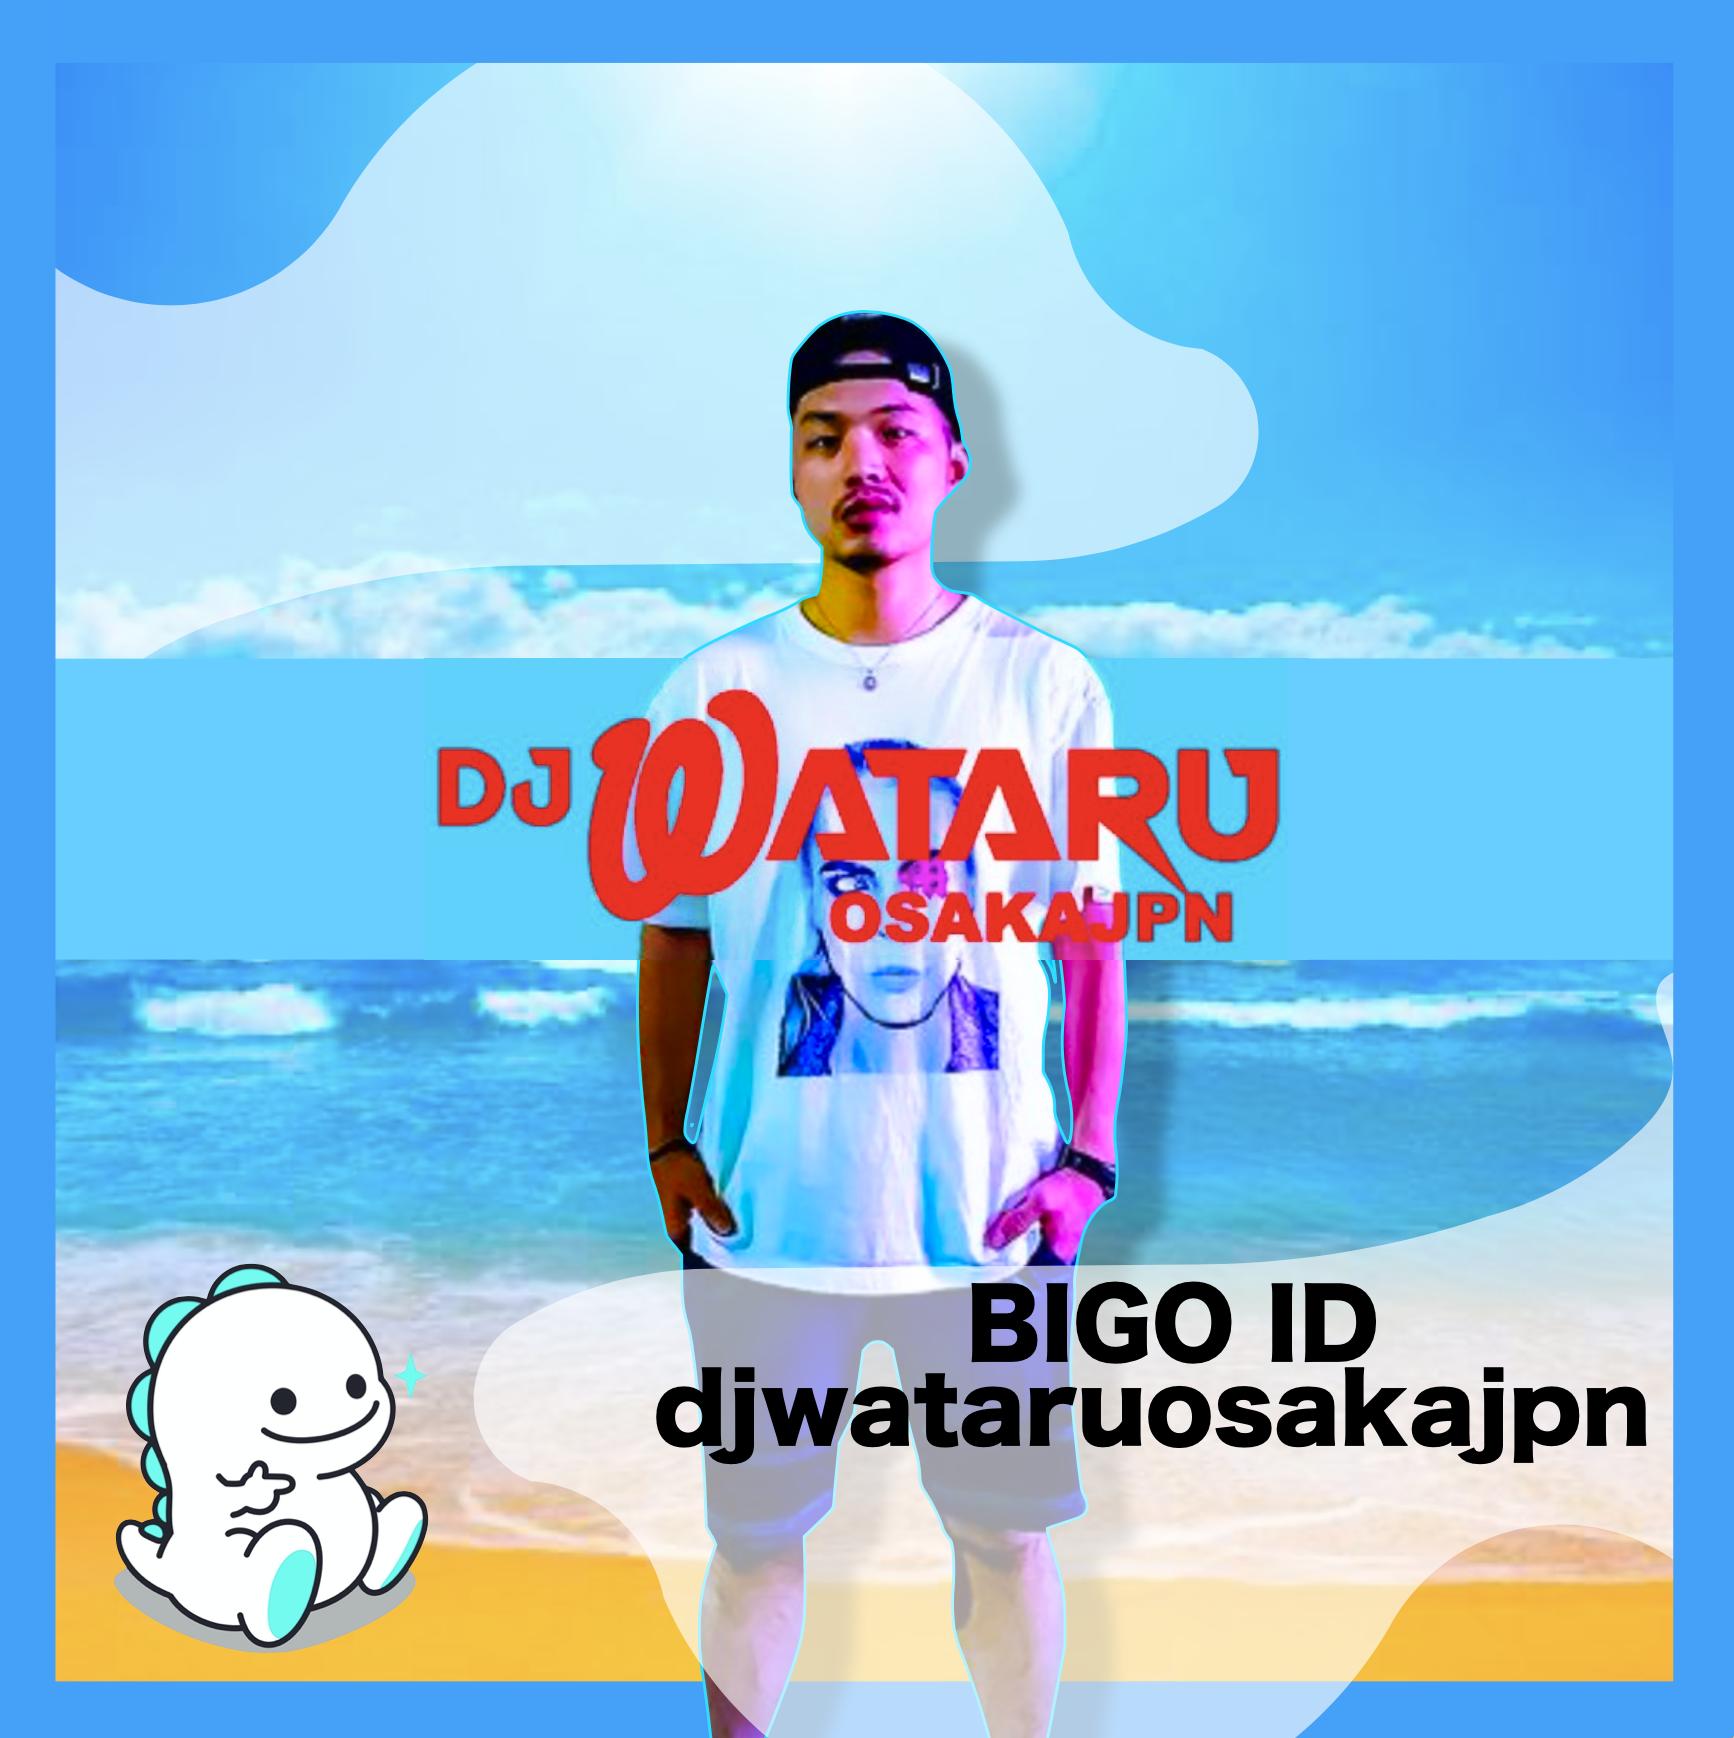 DJ WATARU